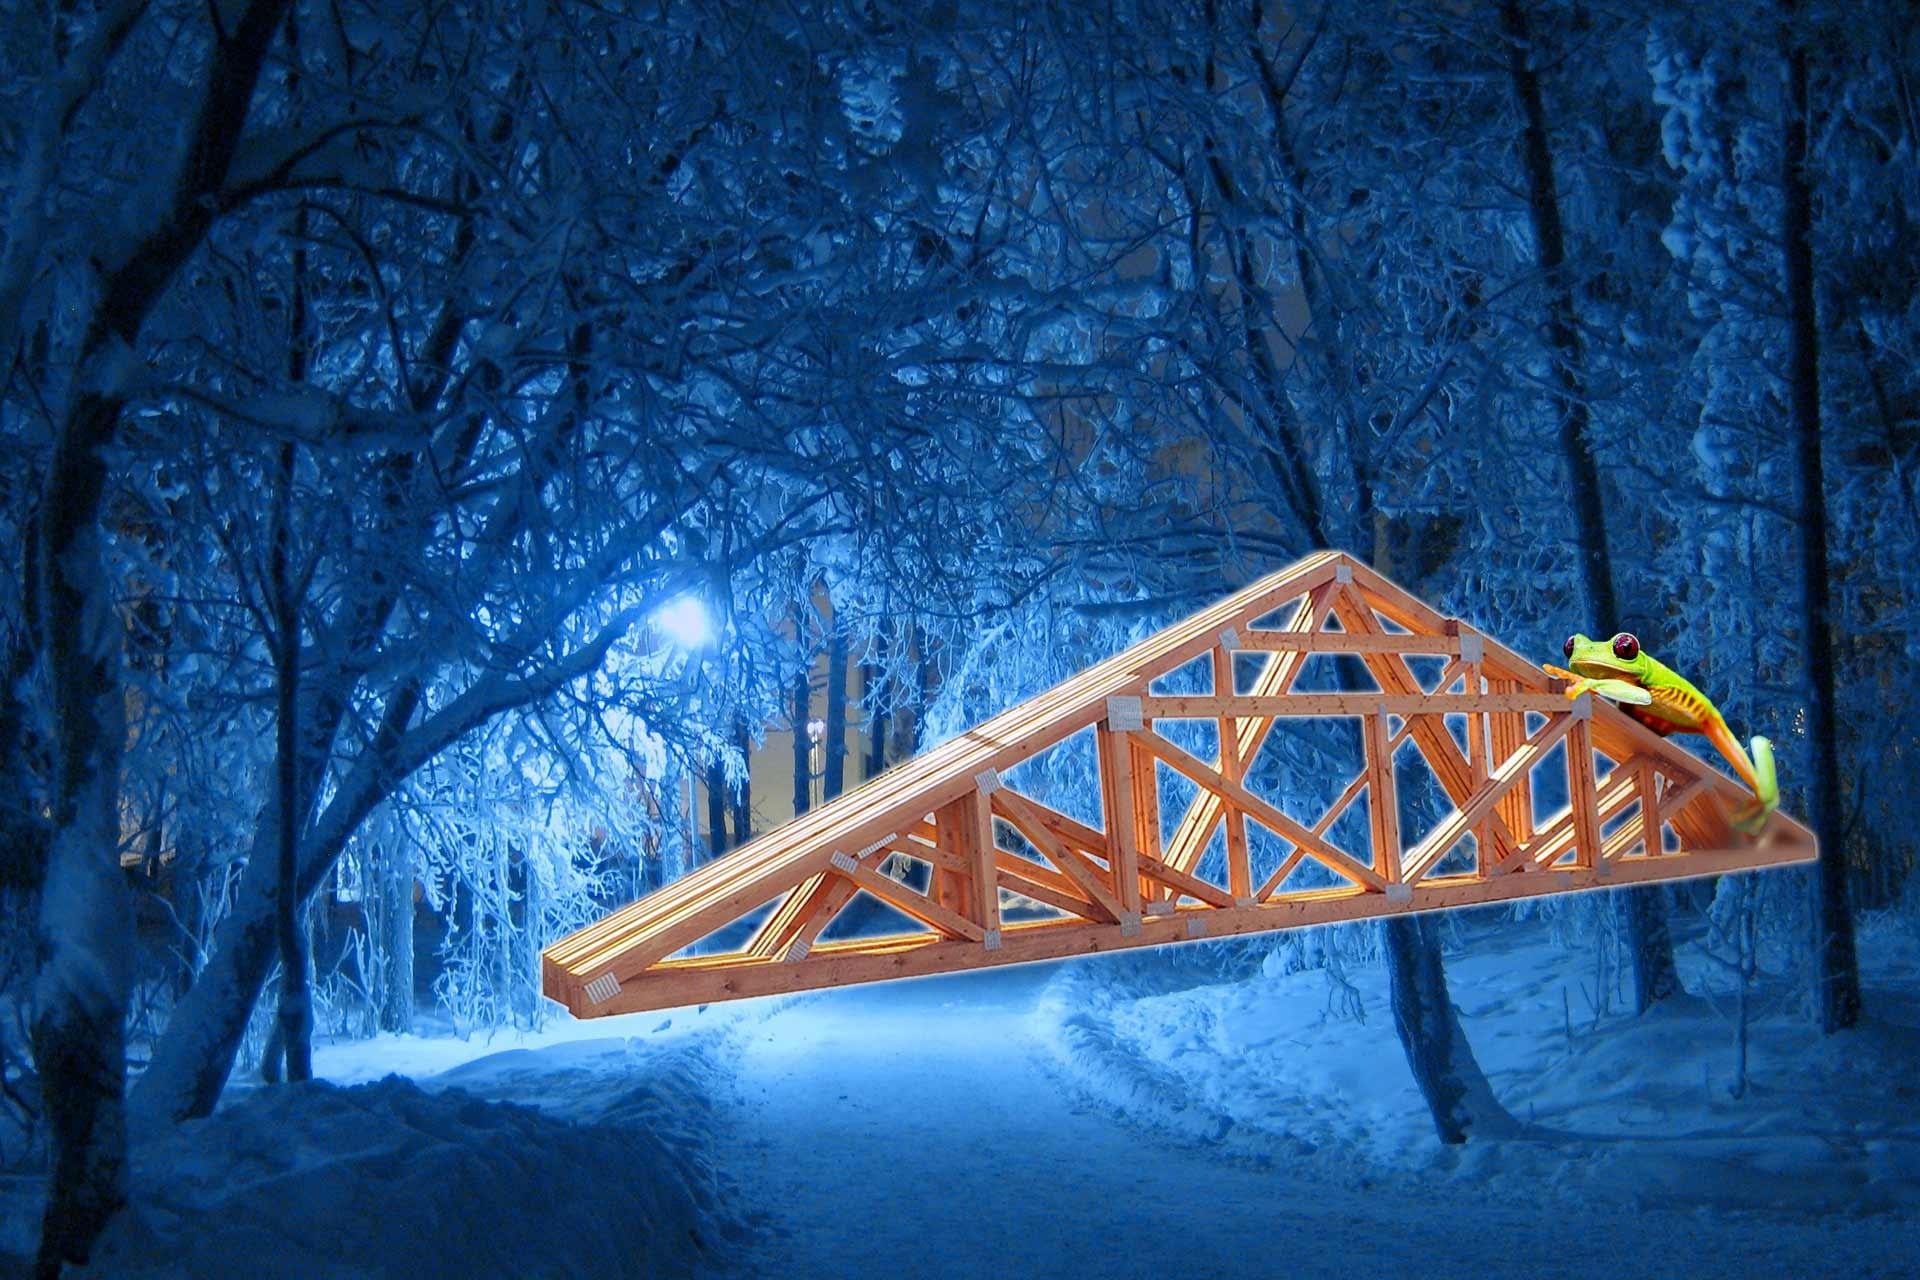 les-vazniky-zima